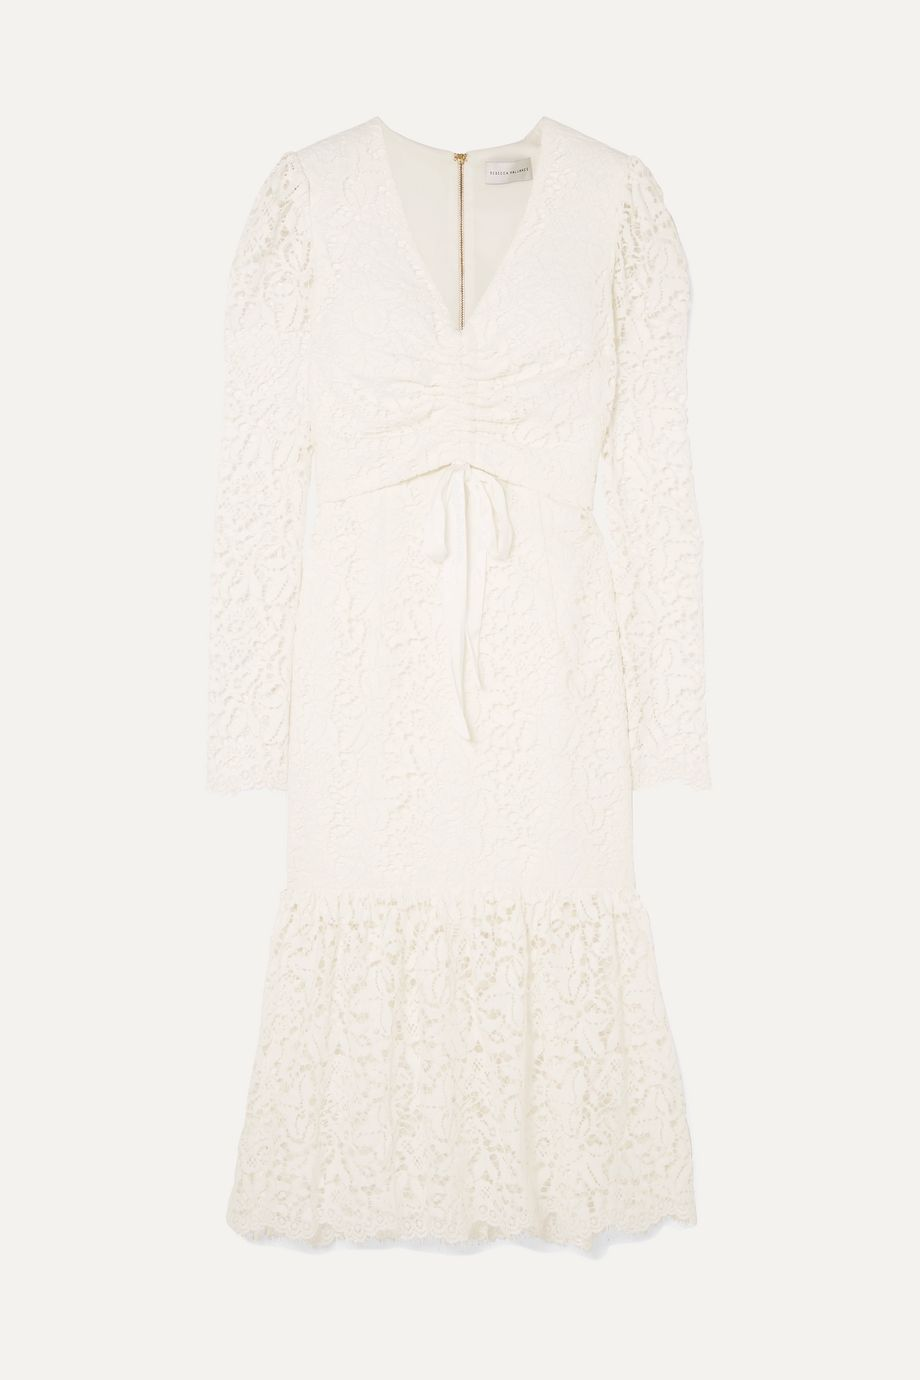 Rebecca Vallance Le Saint ruched lace dress